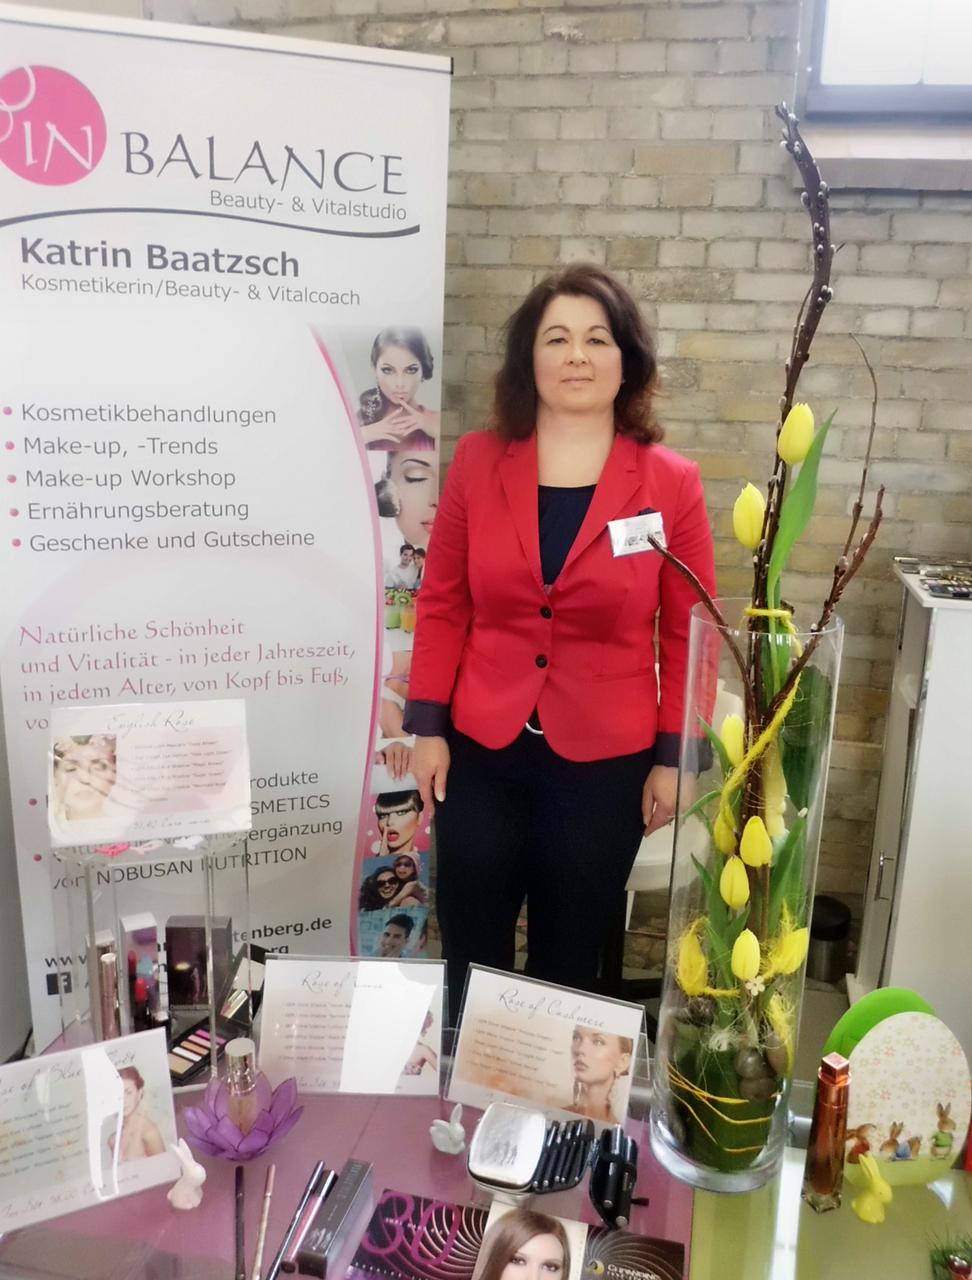 Katrin Baatzsch am Stand des InBALANCE